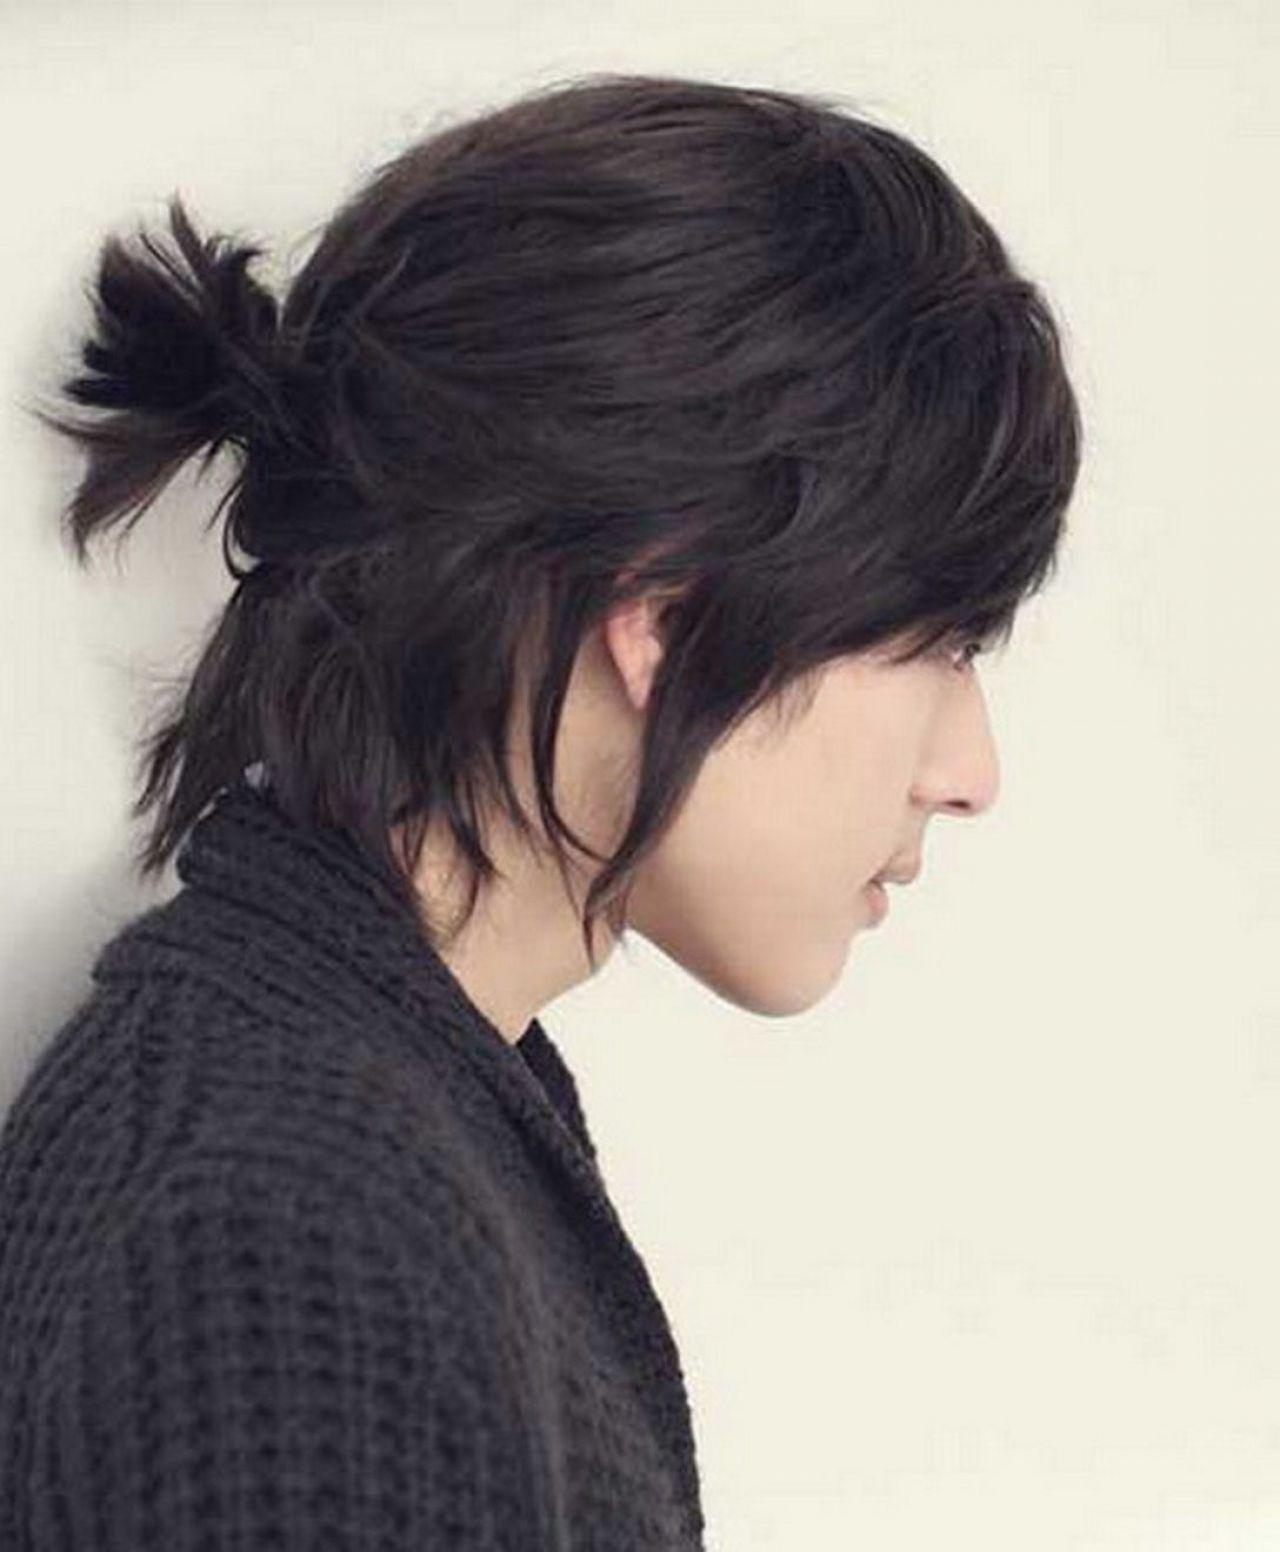 Pin By M E N T A L G L O 2k 19 On Oliver Peoples Asian Long Hair Asian Haircut Long Hair Styles Men